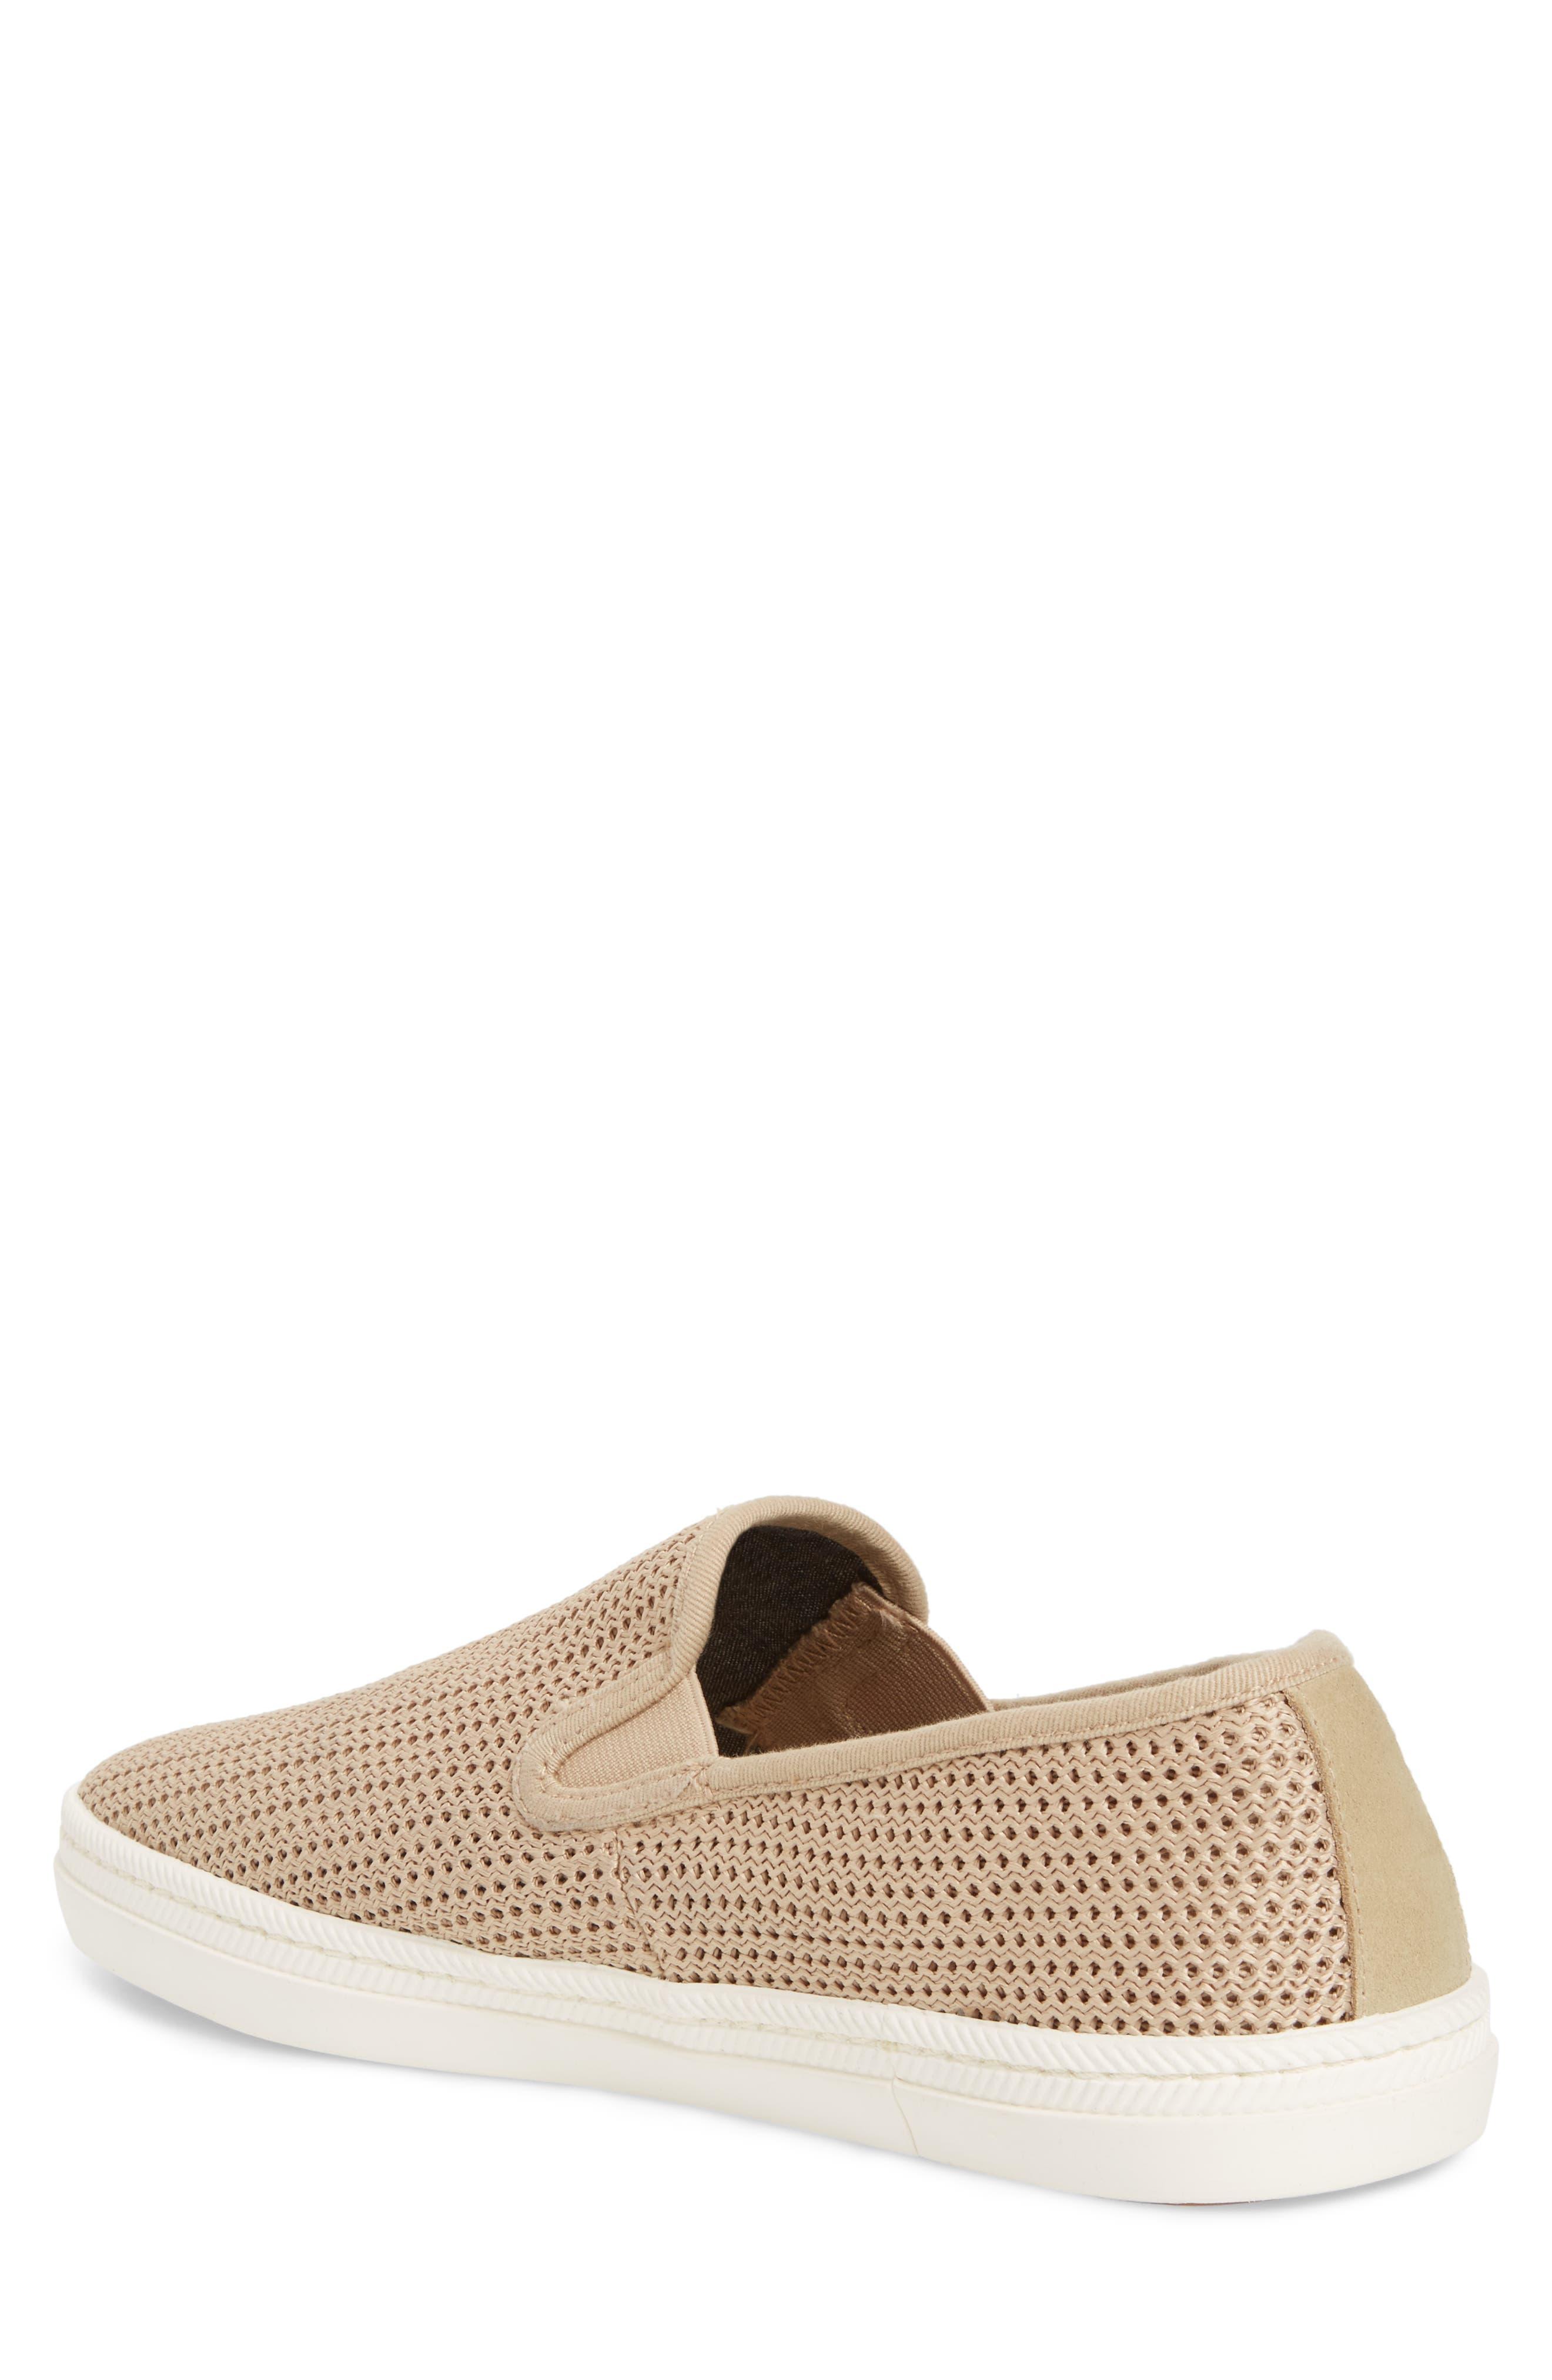 Viktor Woven Slip-On Sneaker,                             Alternate thumbnail 2, color,                             Dry Sand